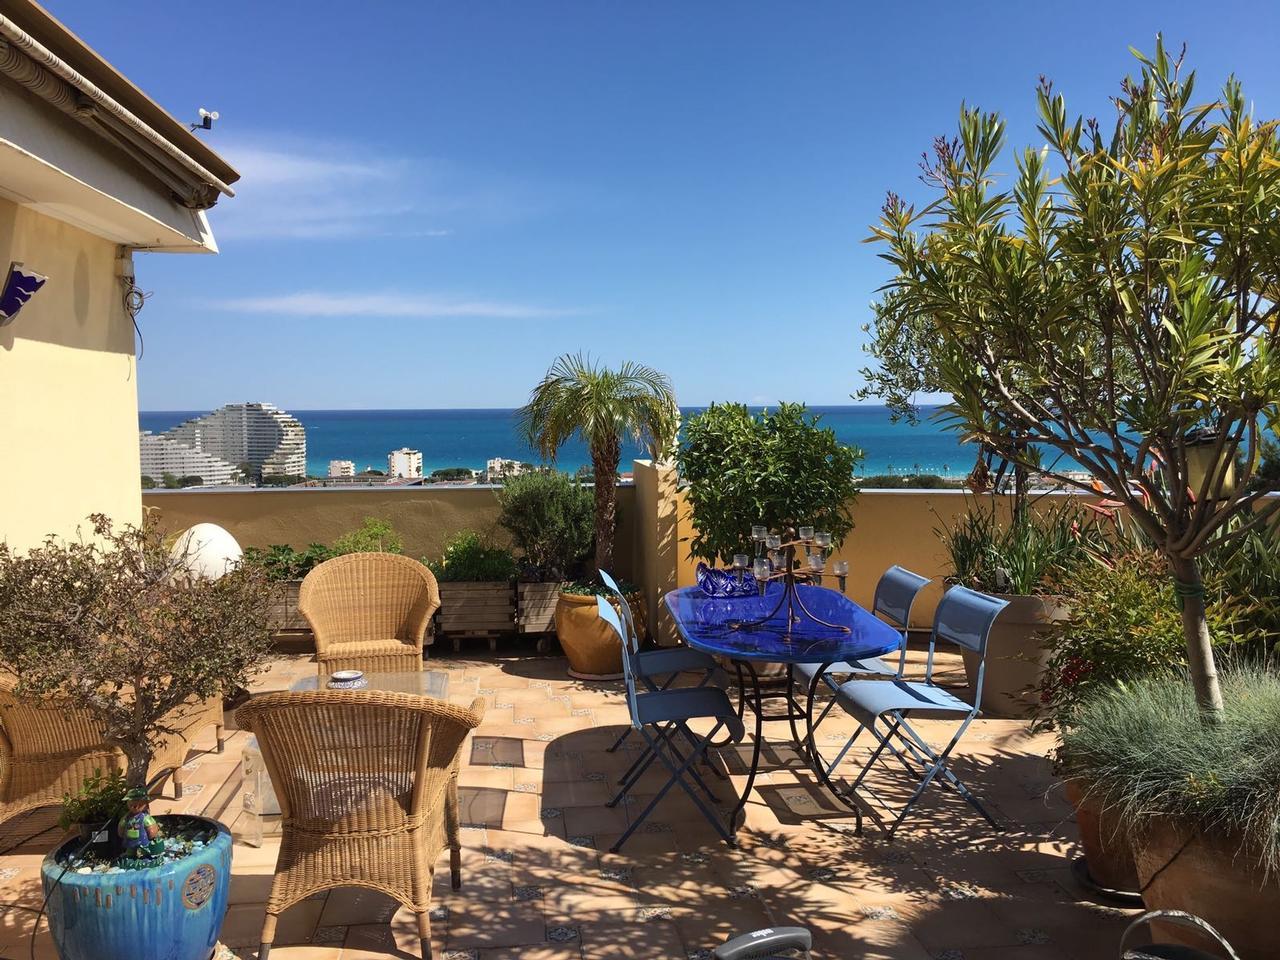 Vente appartement villeneuve loubet immobilier nice vue mer for Appartement avec jardin nice